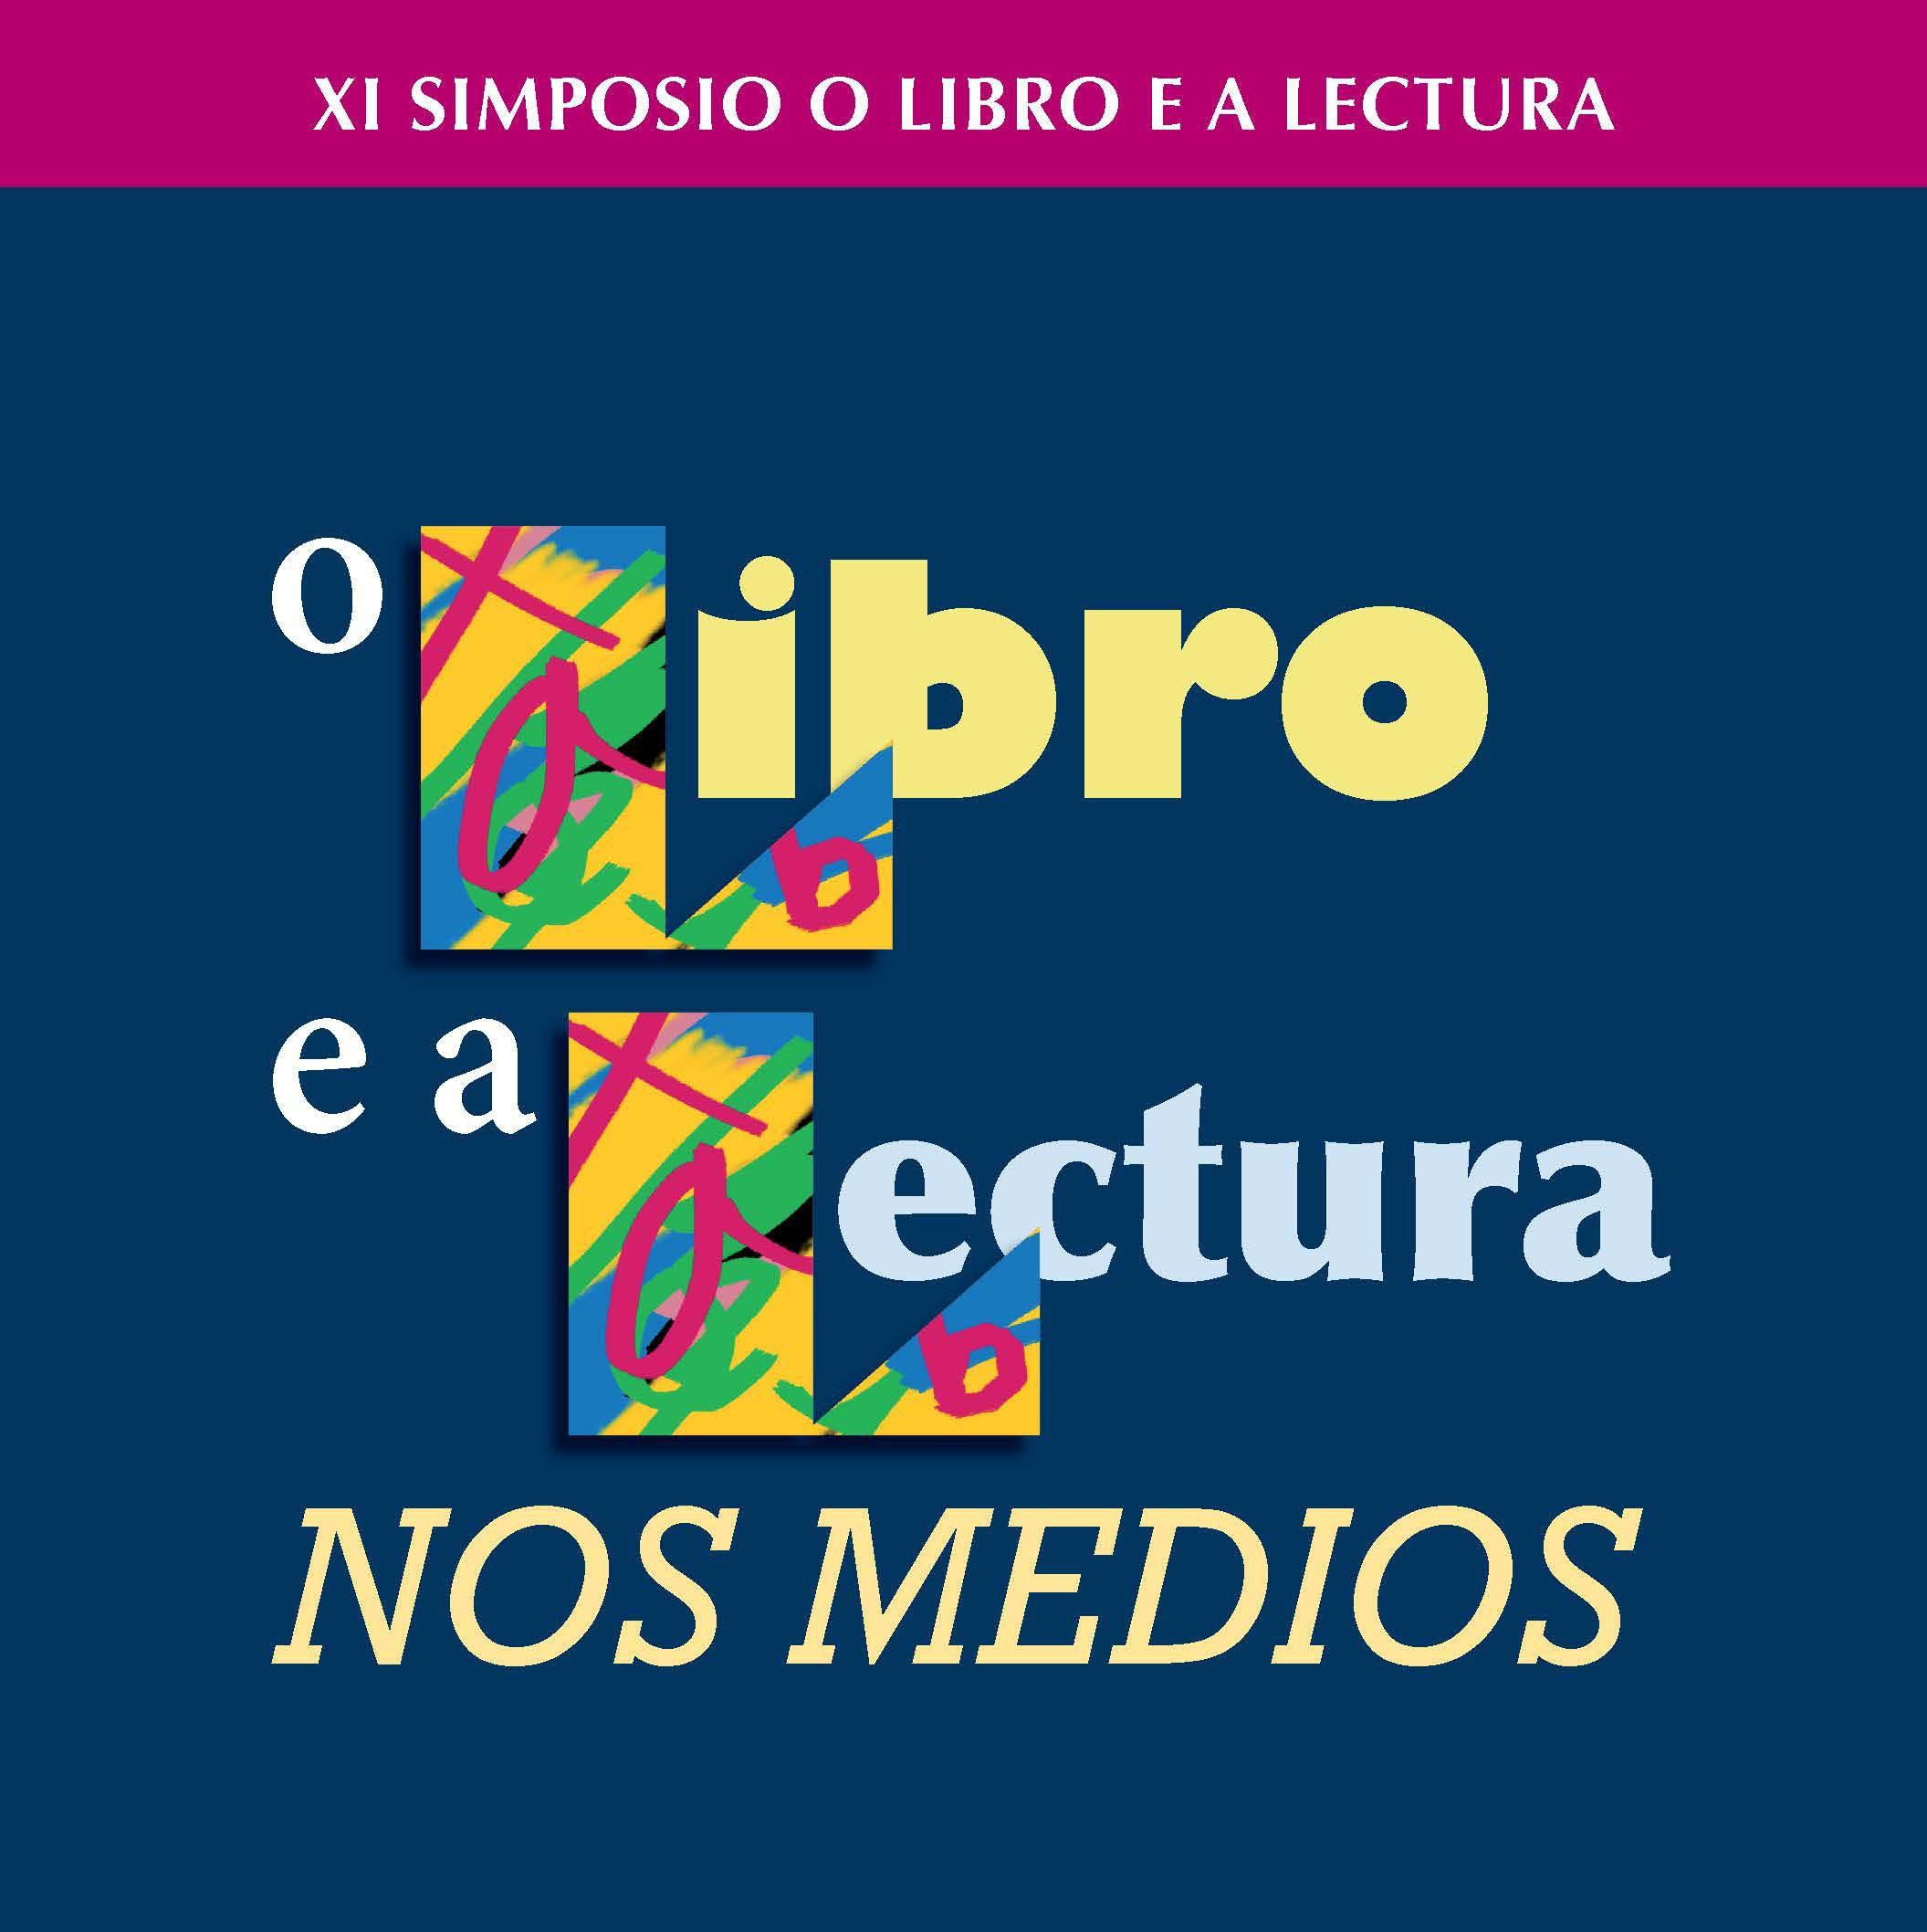 XI Simposio O Libro e a lectura 2014: O libro e a lectura nos medios